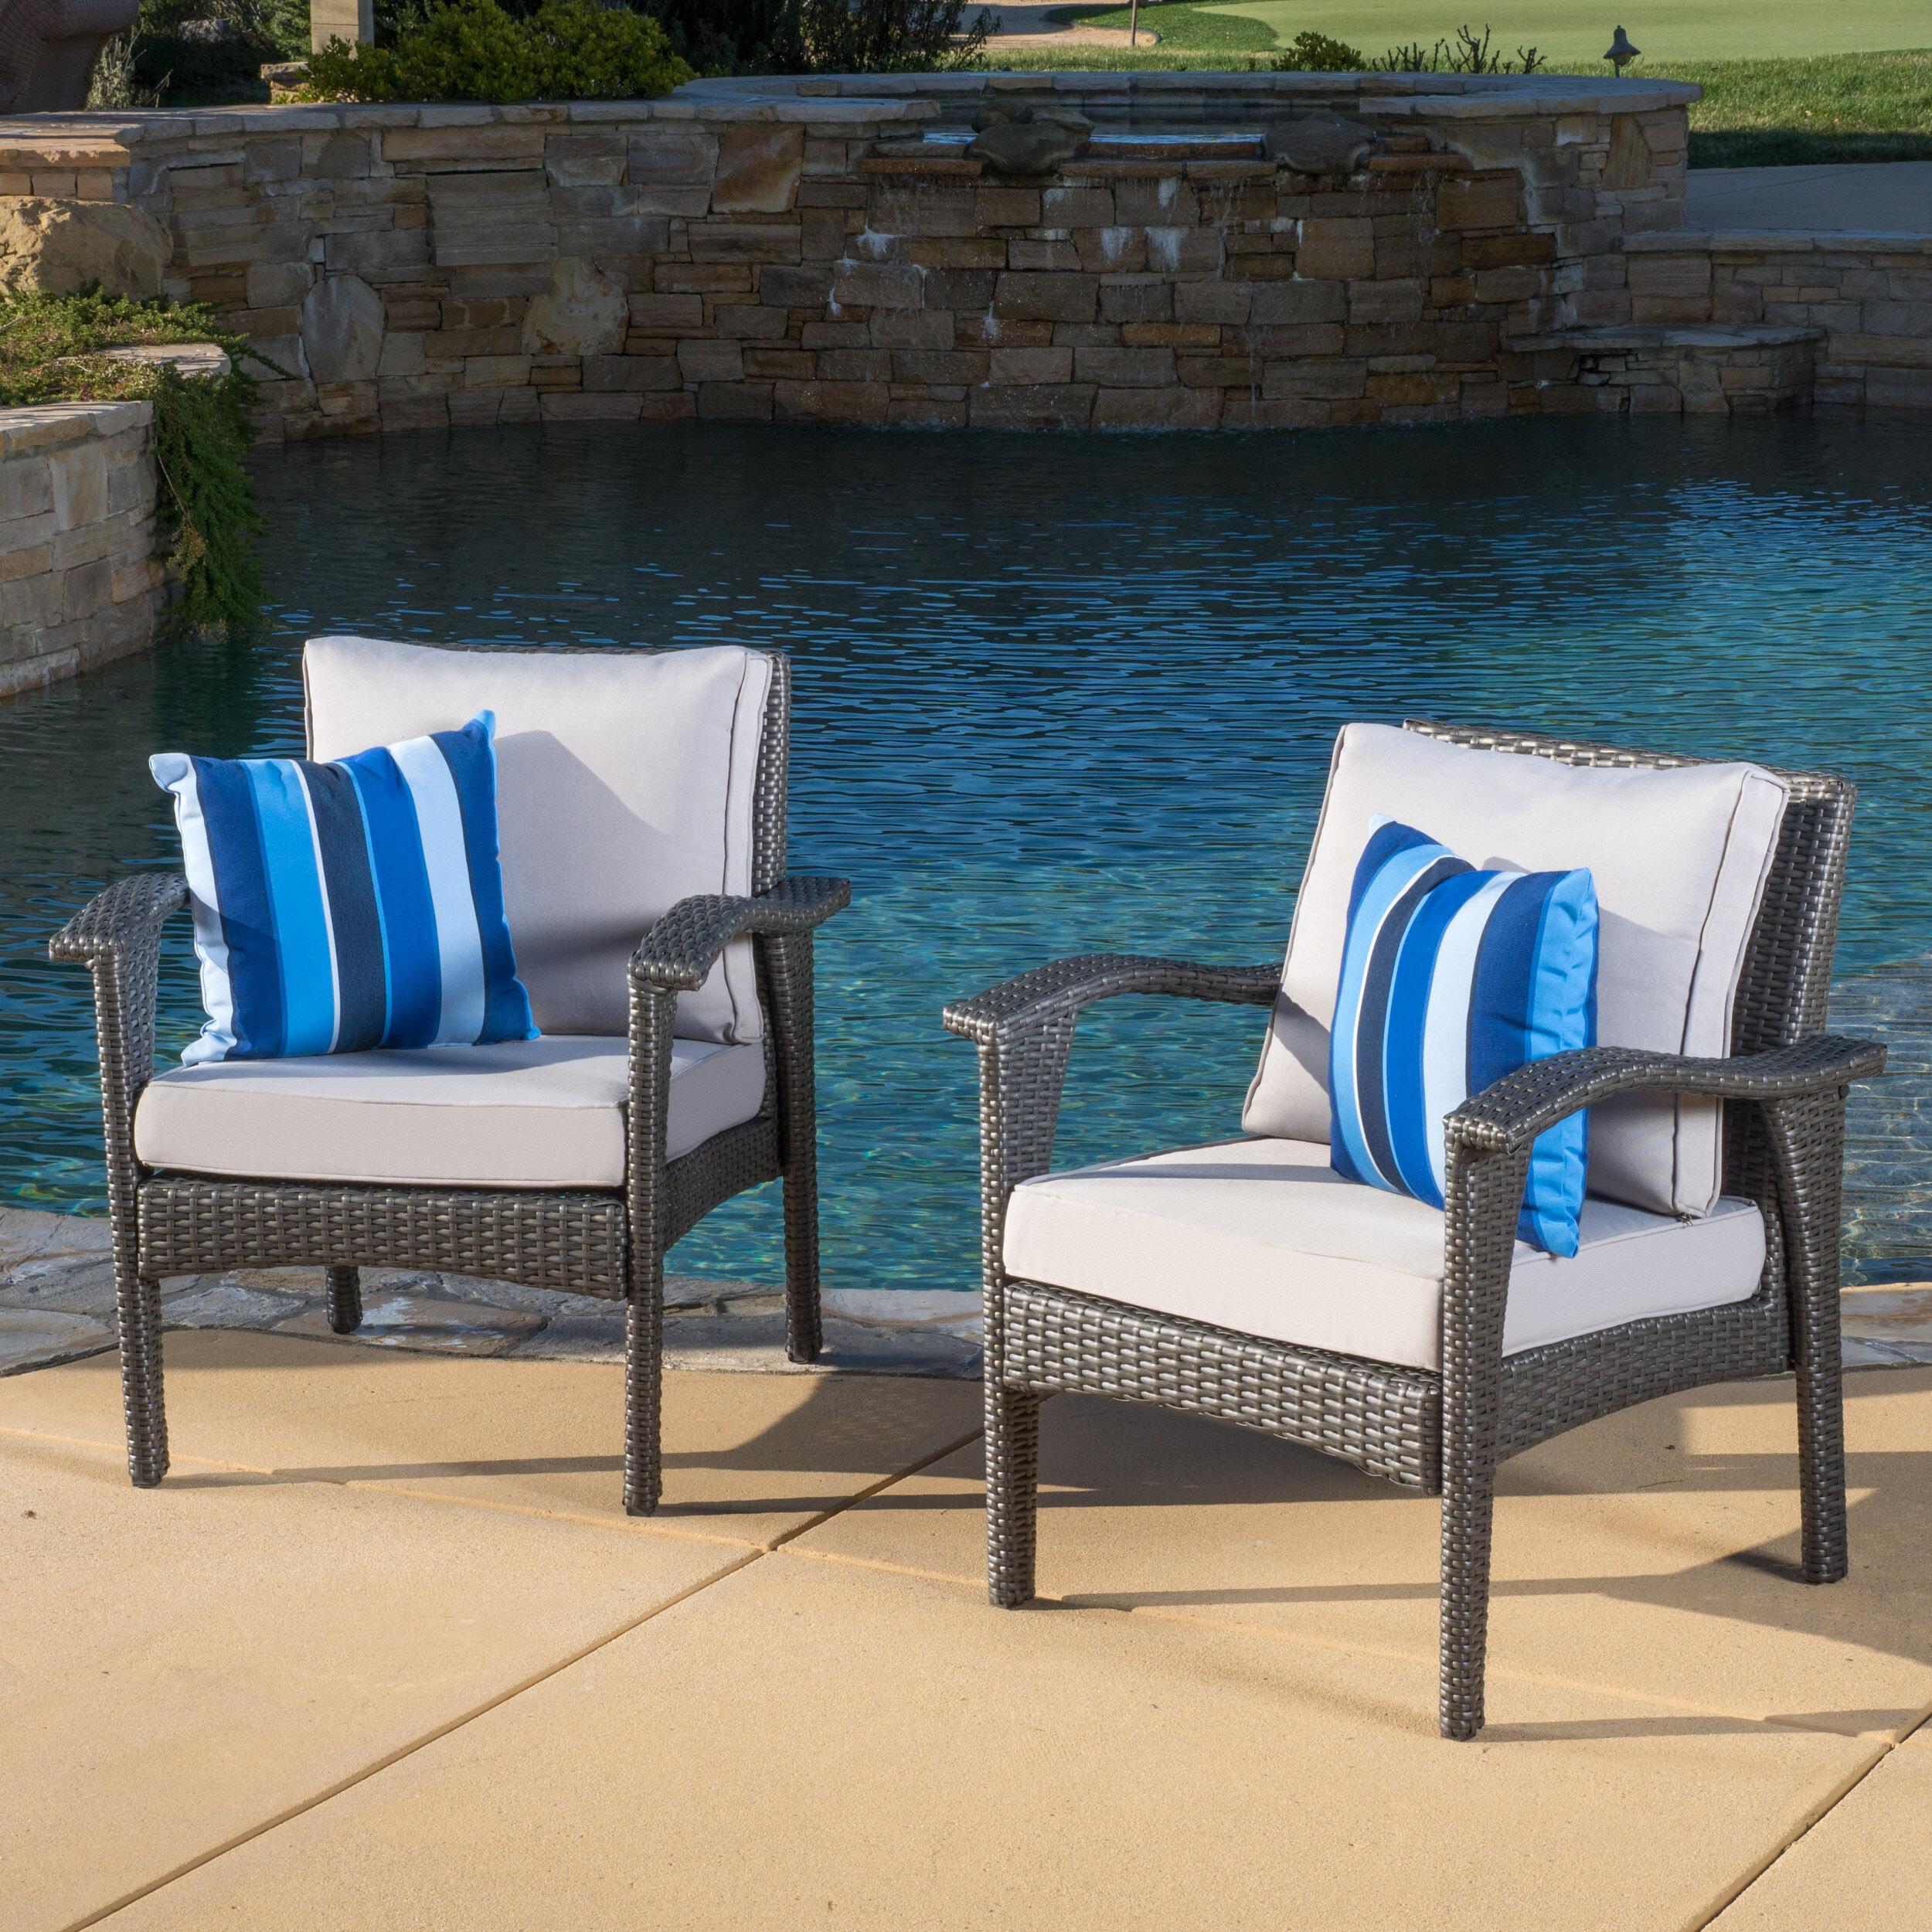 Capra Patio Chair With Cushion Reviews Joss Main